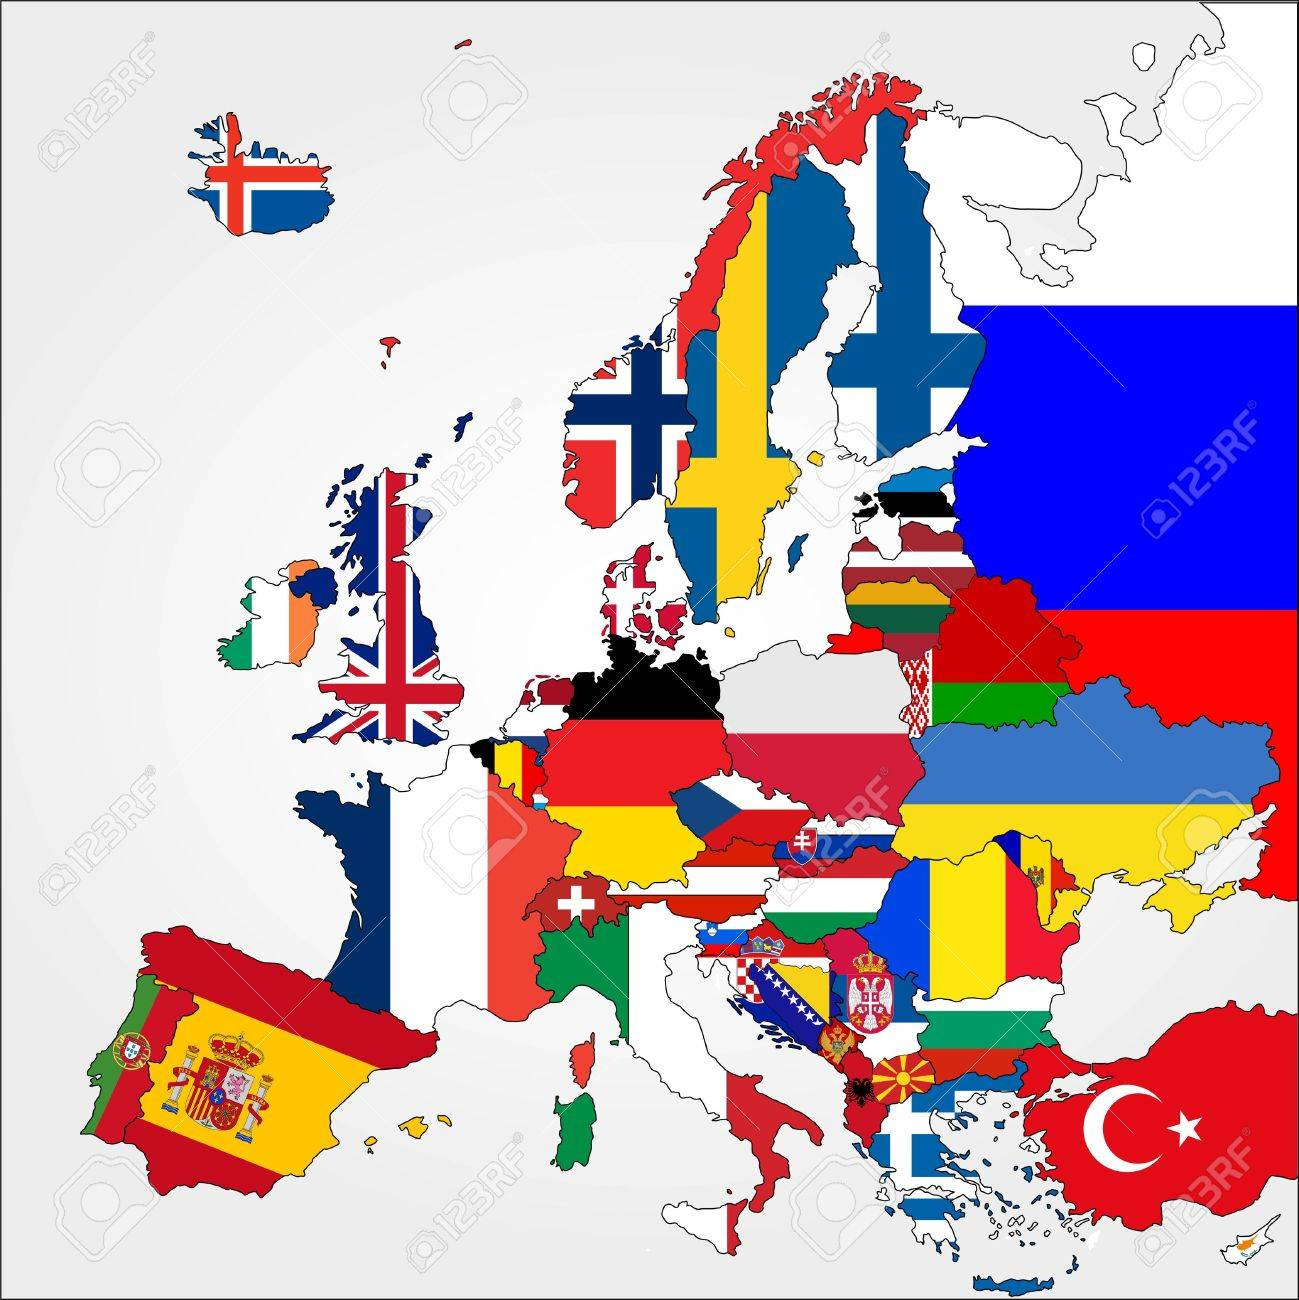 Carte De L'europe Très Détaillée Avec Des Drapeaux De Pays pour Carte De L Europe Détaillée